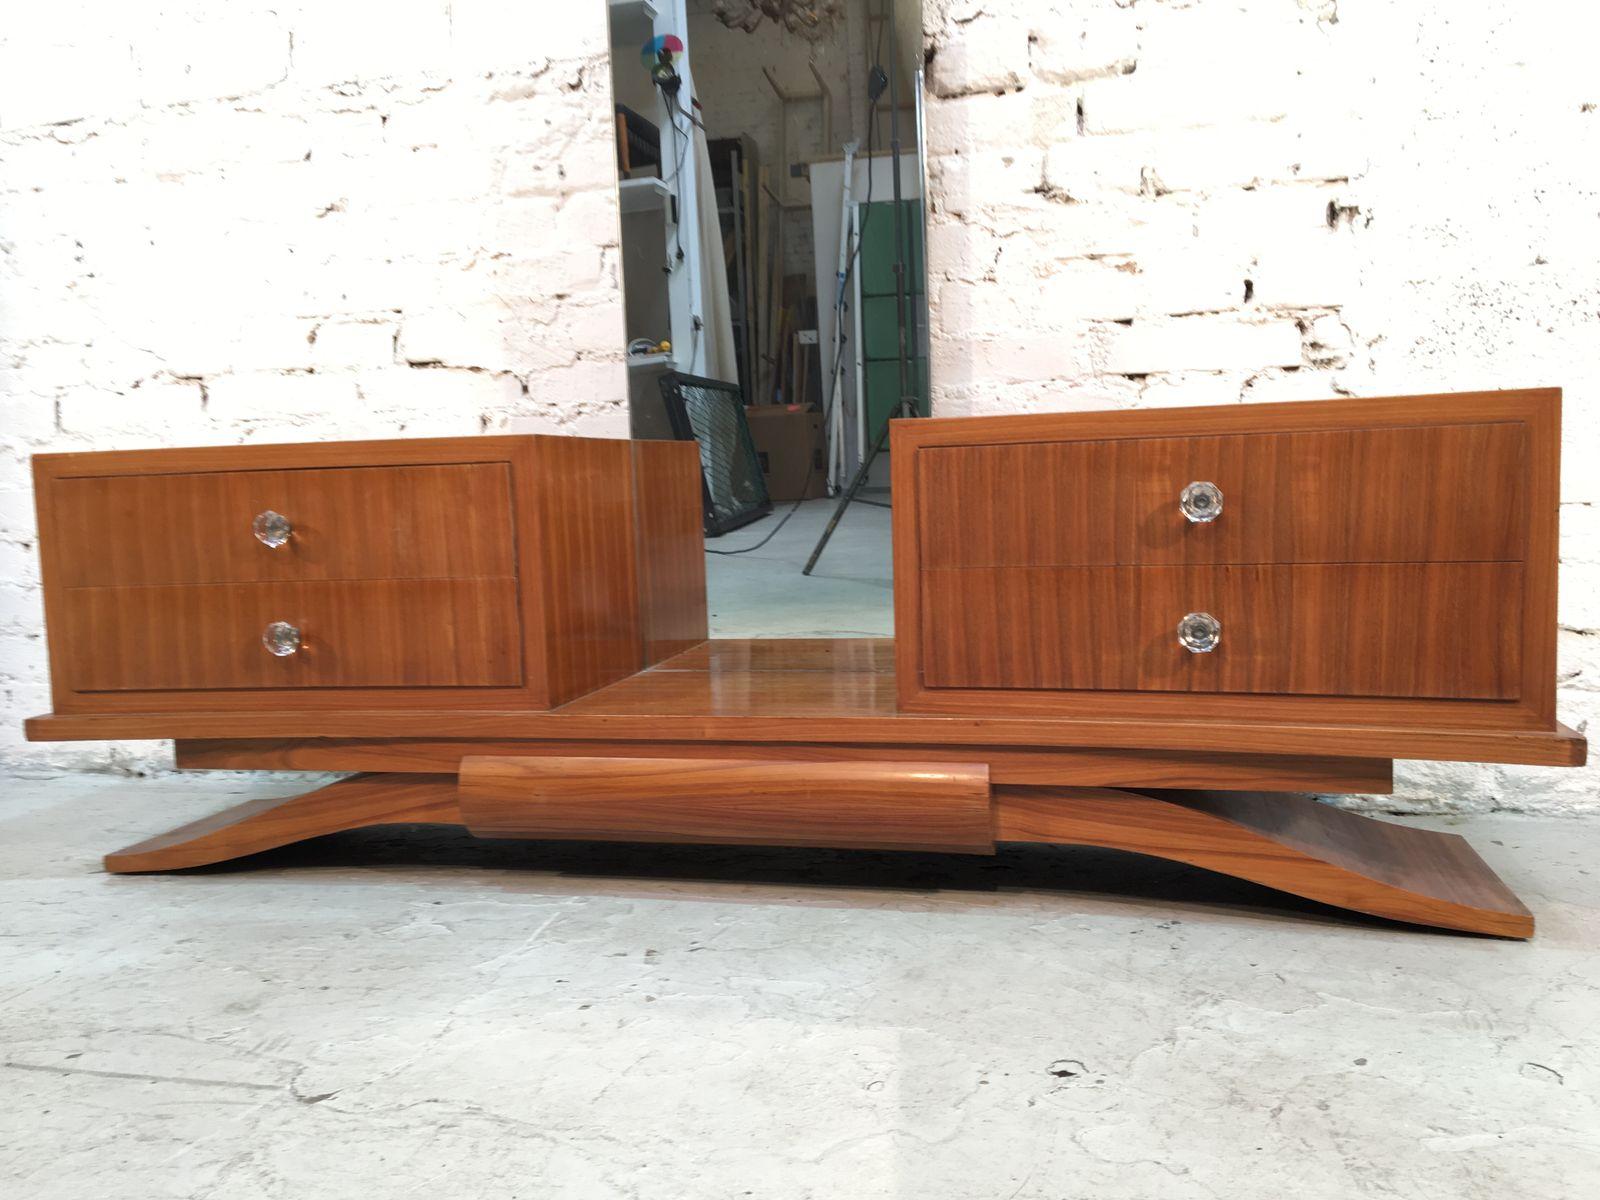 coiffeuse art d co 1935 en vente sur pamono. Black Bedroom Furniture Sets. Home Design Ideas